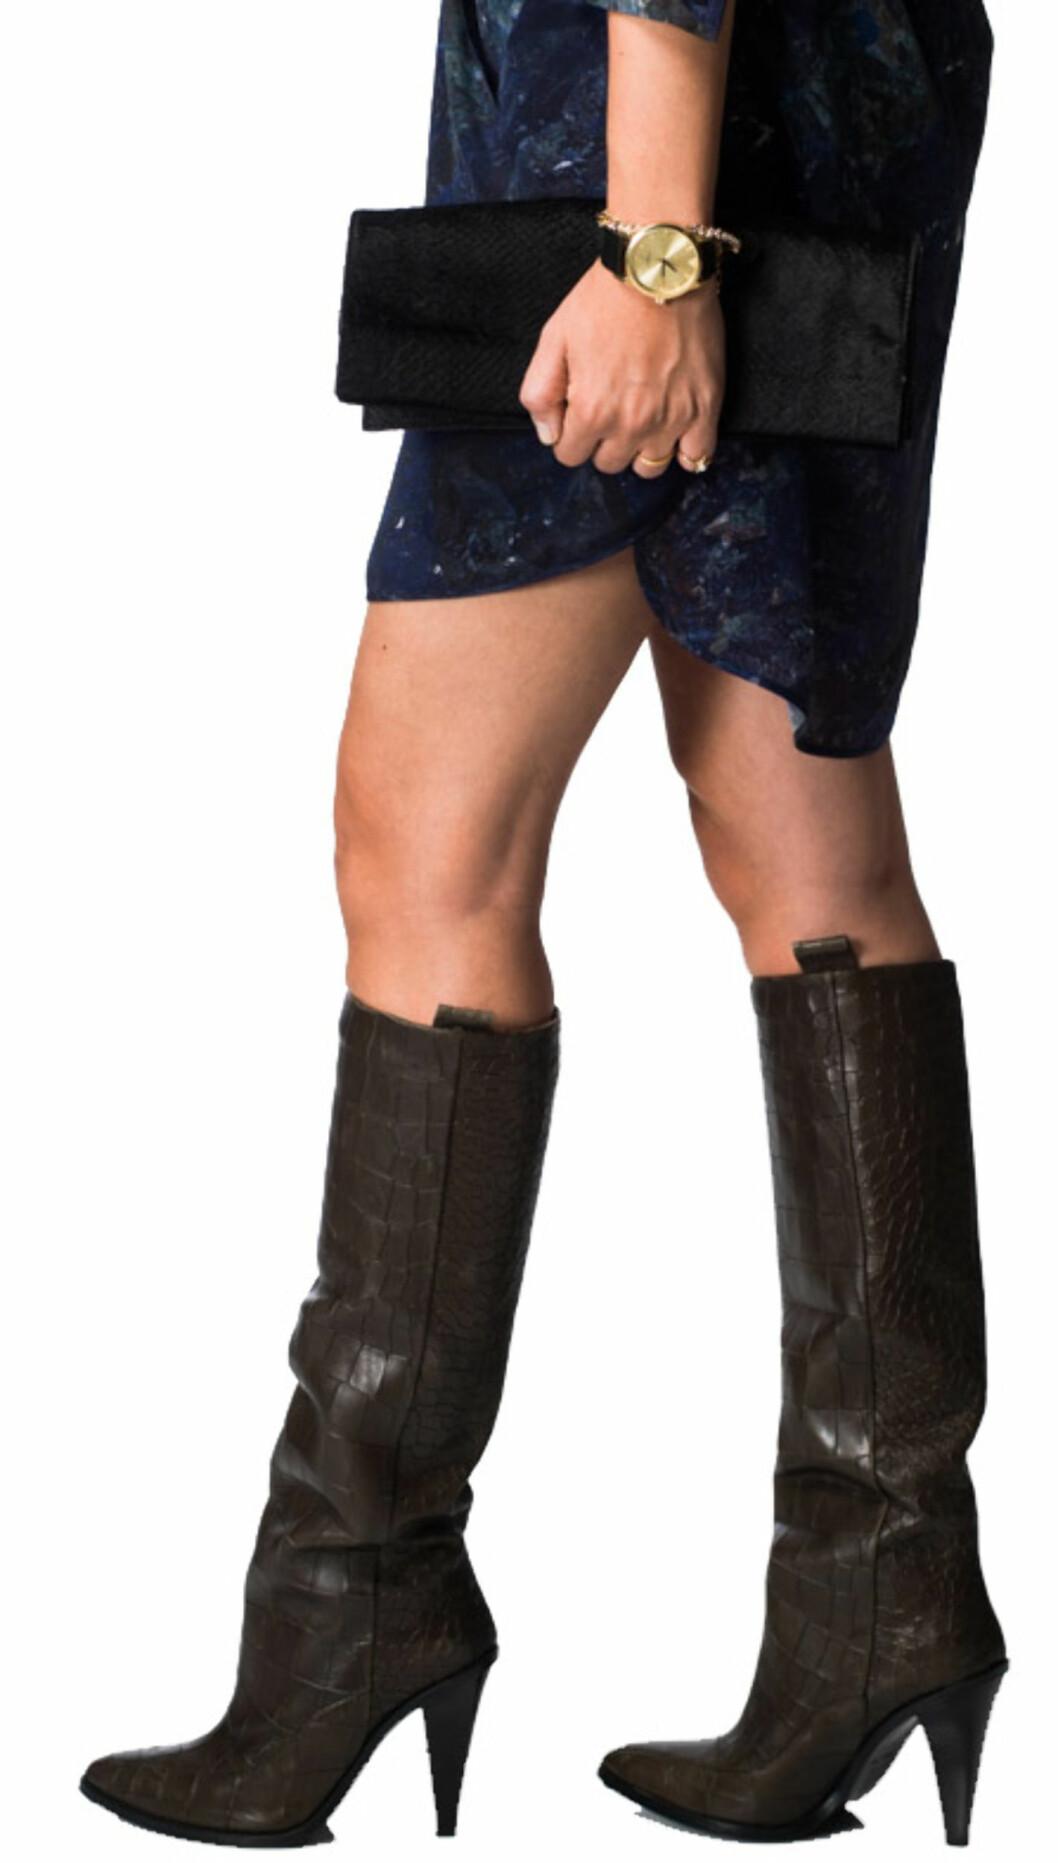 VELG RIKTIG HØYDE PÅ SKAFTET: Støvletter som stopper rett under kneet er en flatterende lengde for de fleste. Foto: Ole Martin Halvorsen